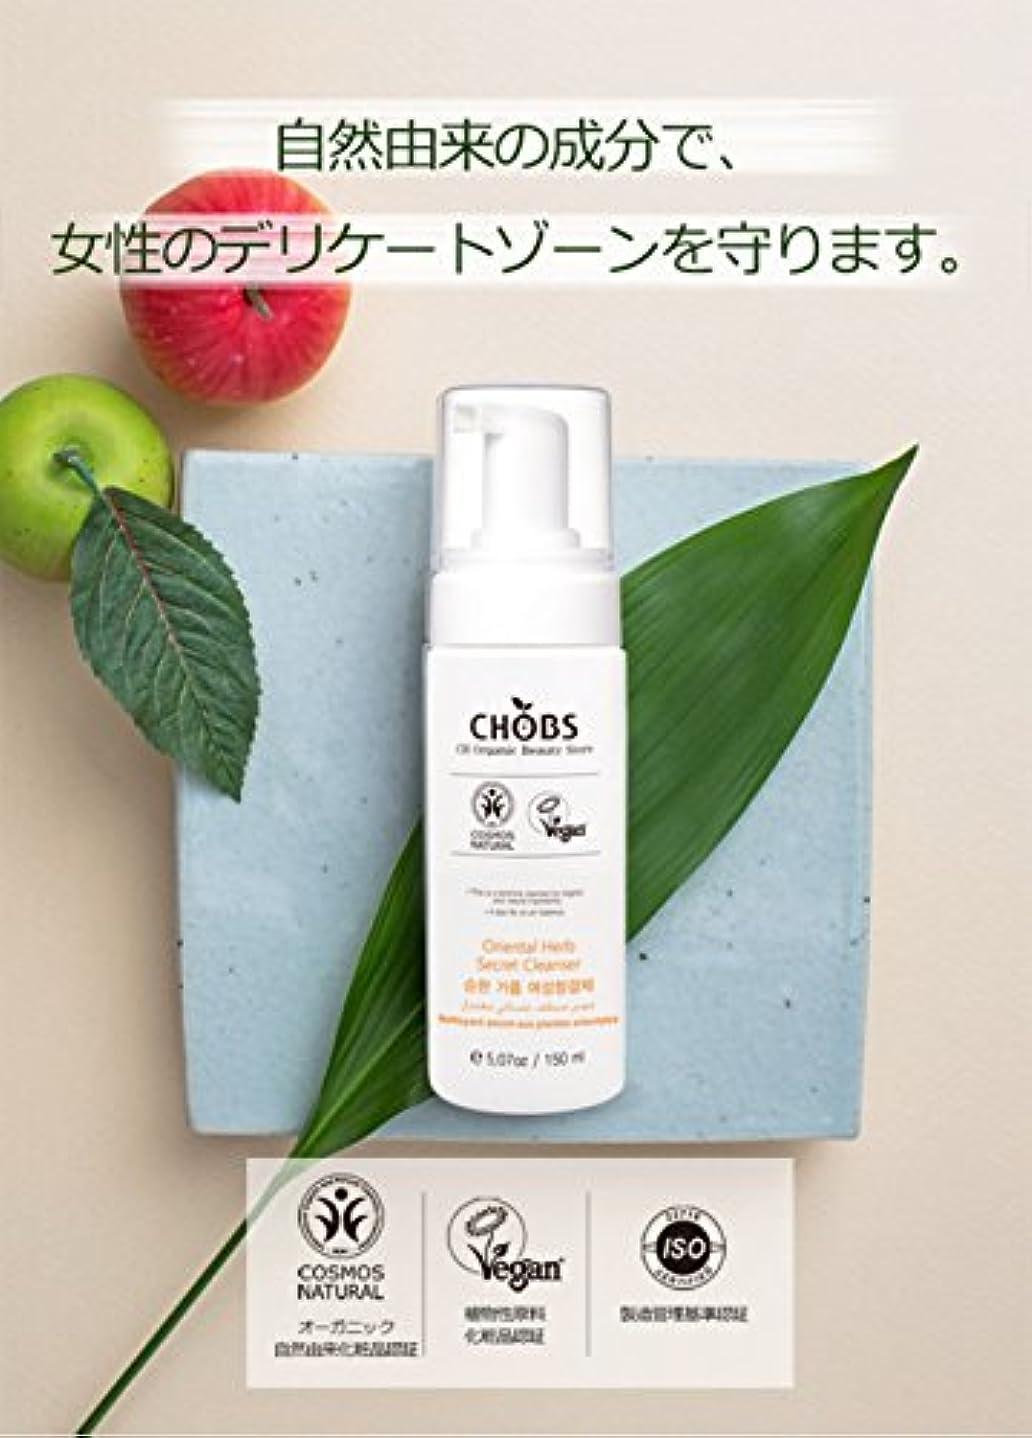 昇進敵発明オーガニック清潔ケアクレンザー 天然化粧品 韓国コスメ 低刺激